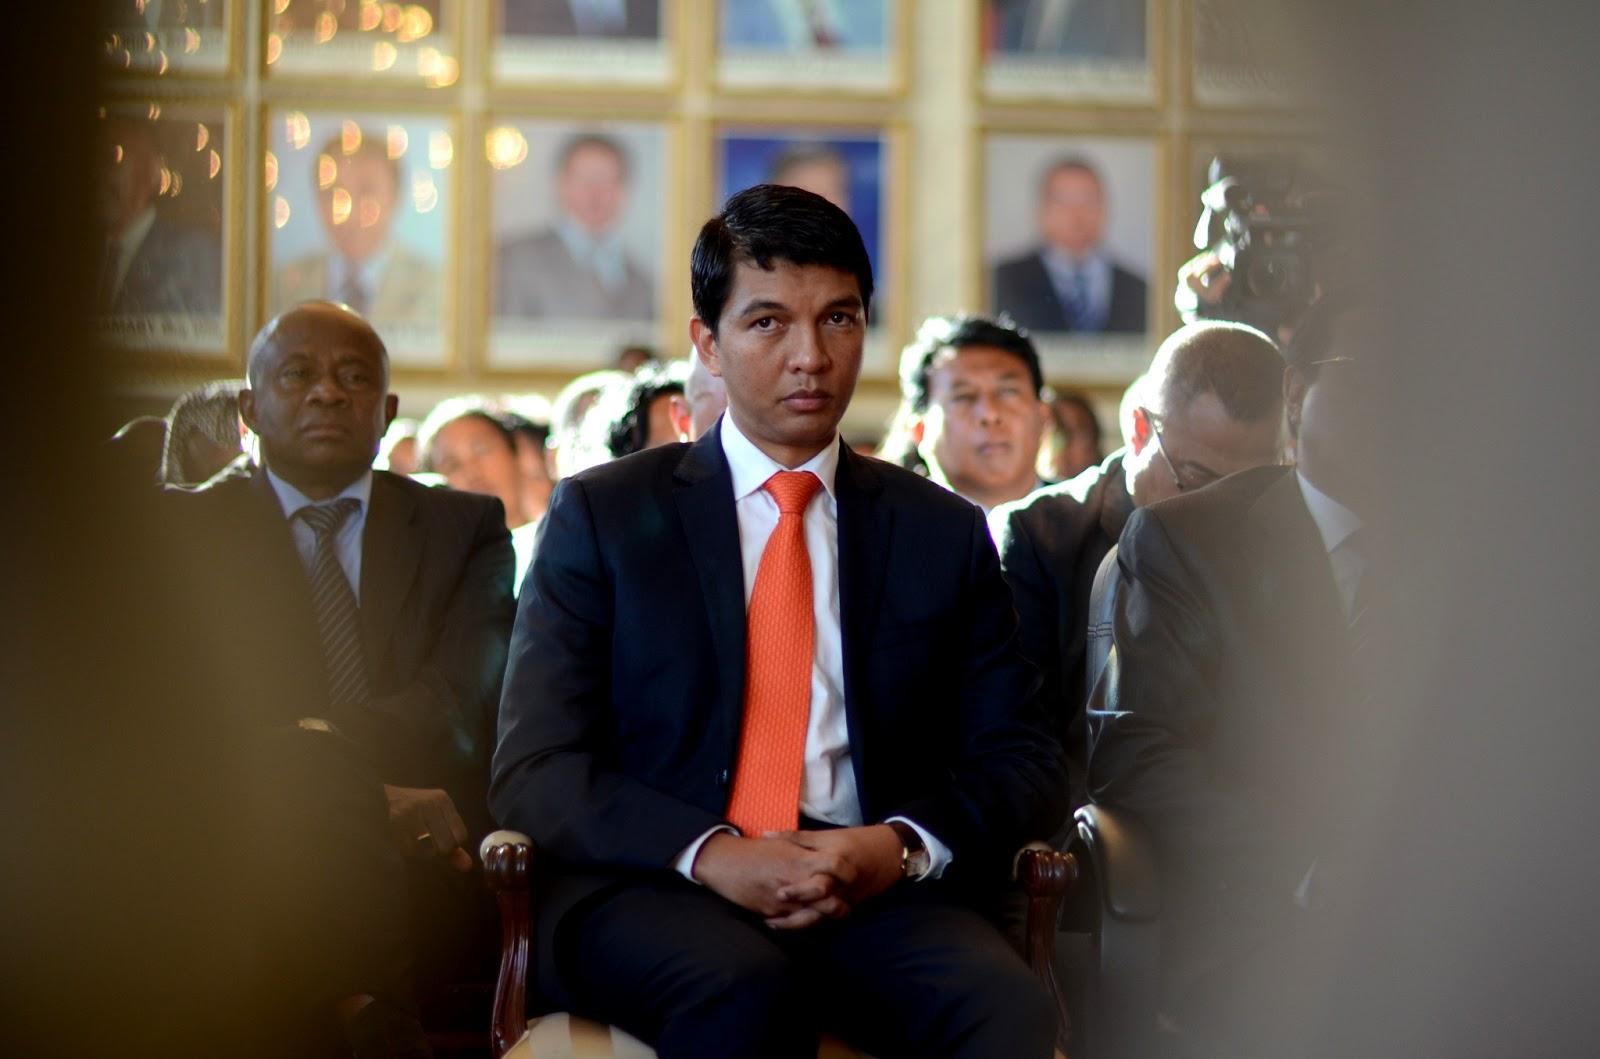 wHO's who? l'élection présidentielle à Madagascar en 18 photos  MADA+ANDRY+4+CLR